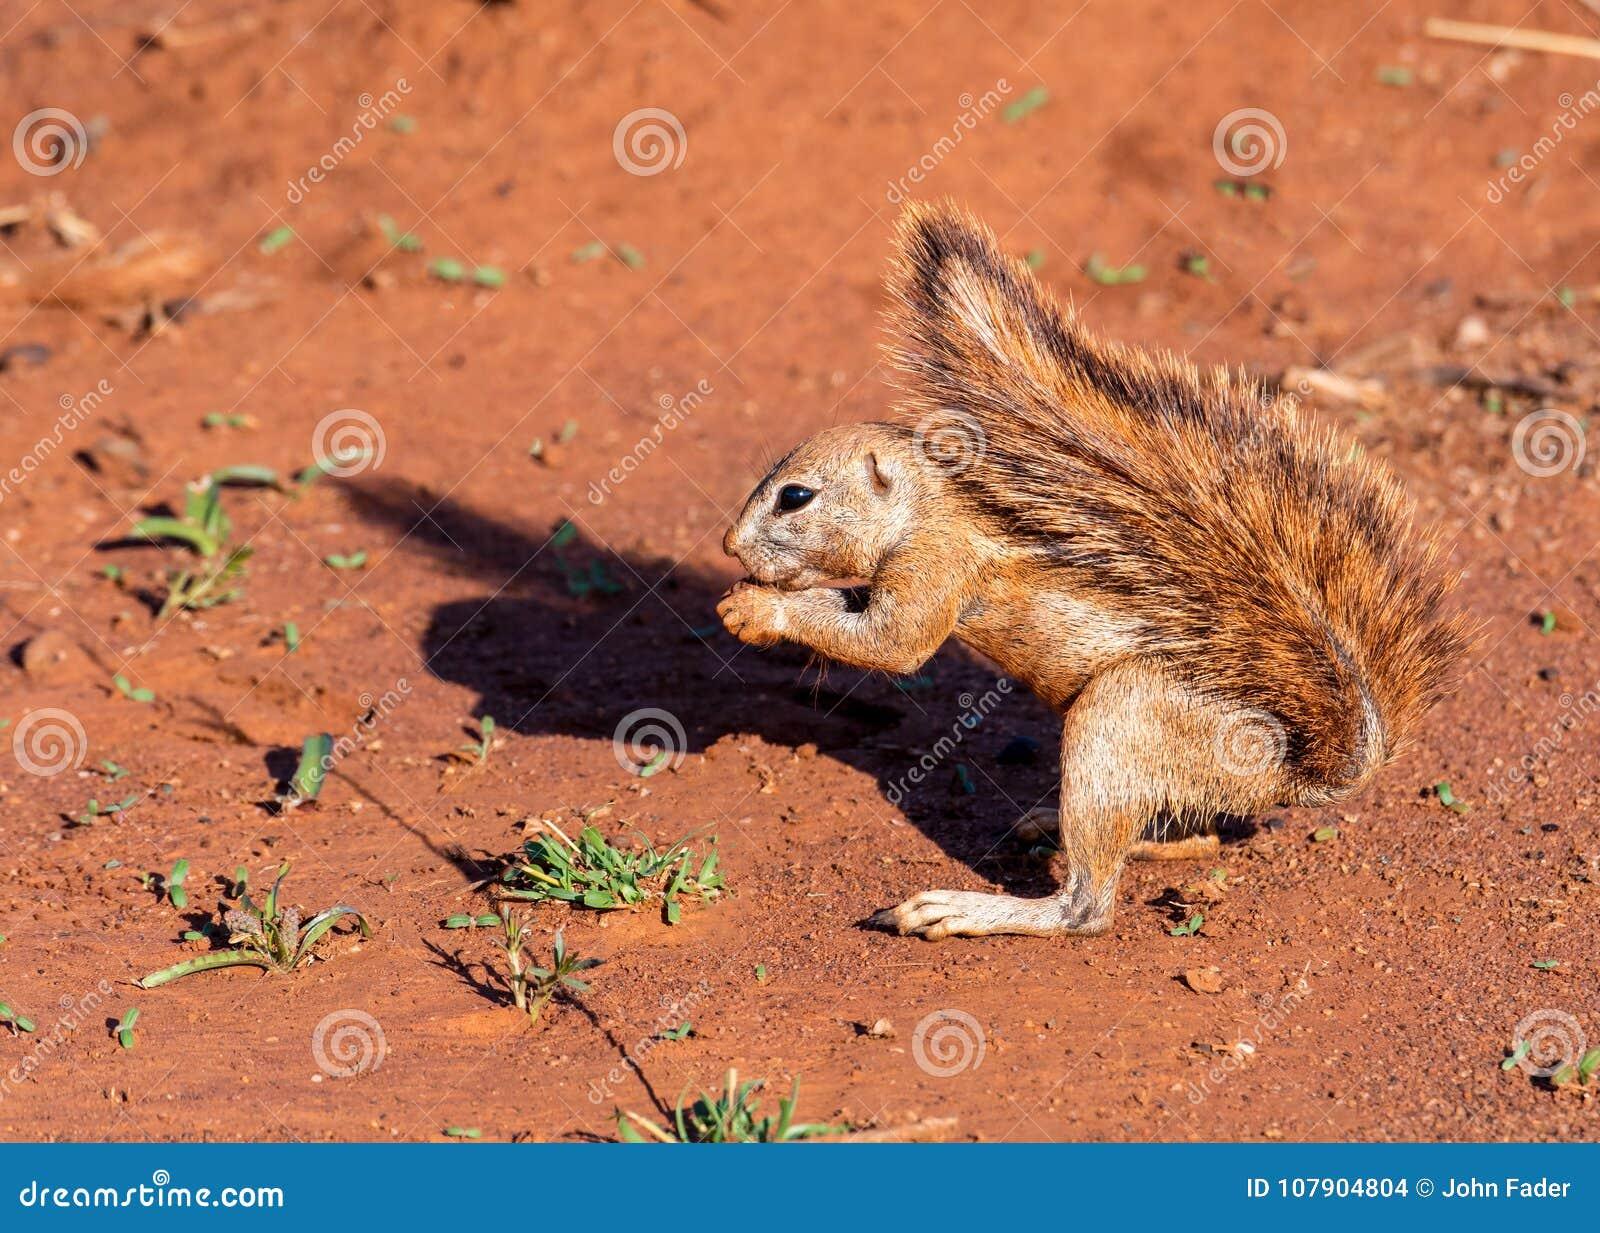 Afrykanin Zmielona wiewiórka z sumiastym ogonem